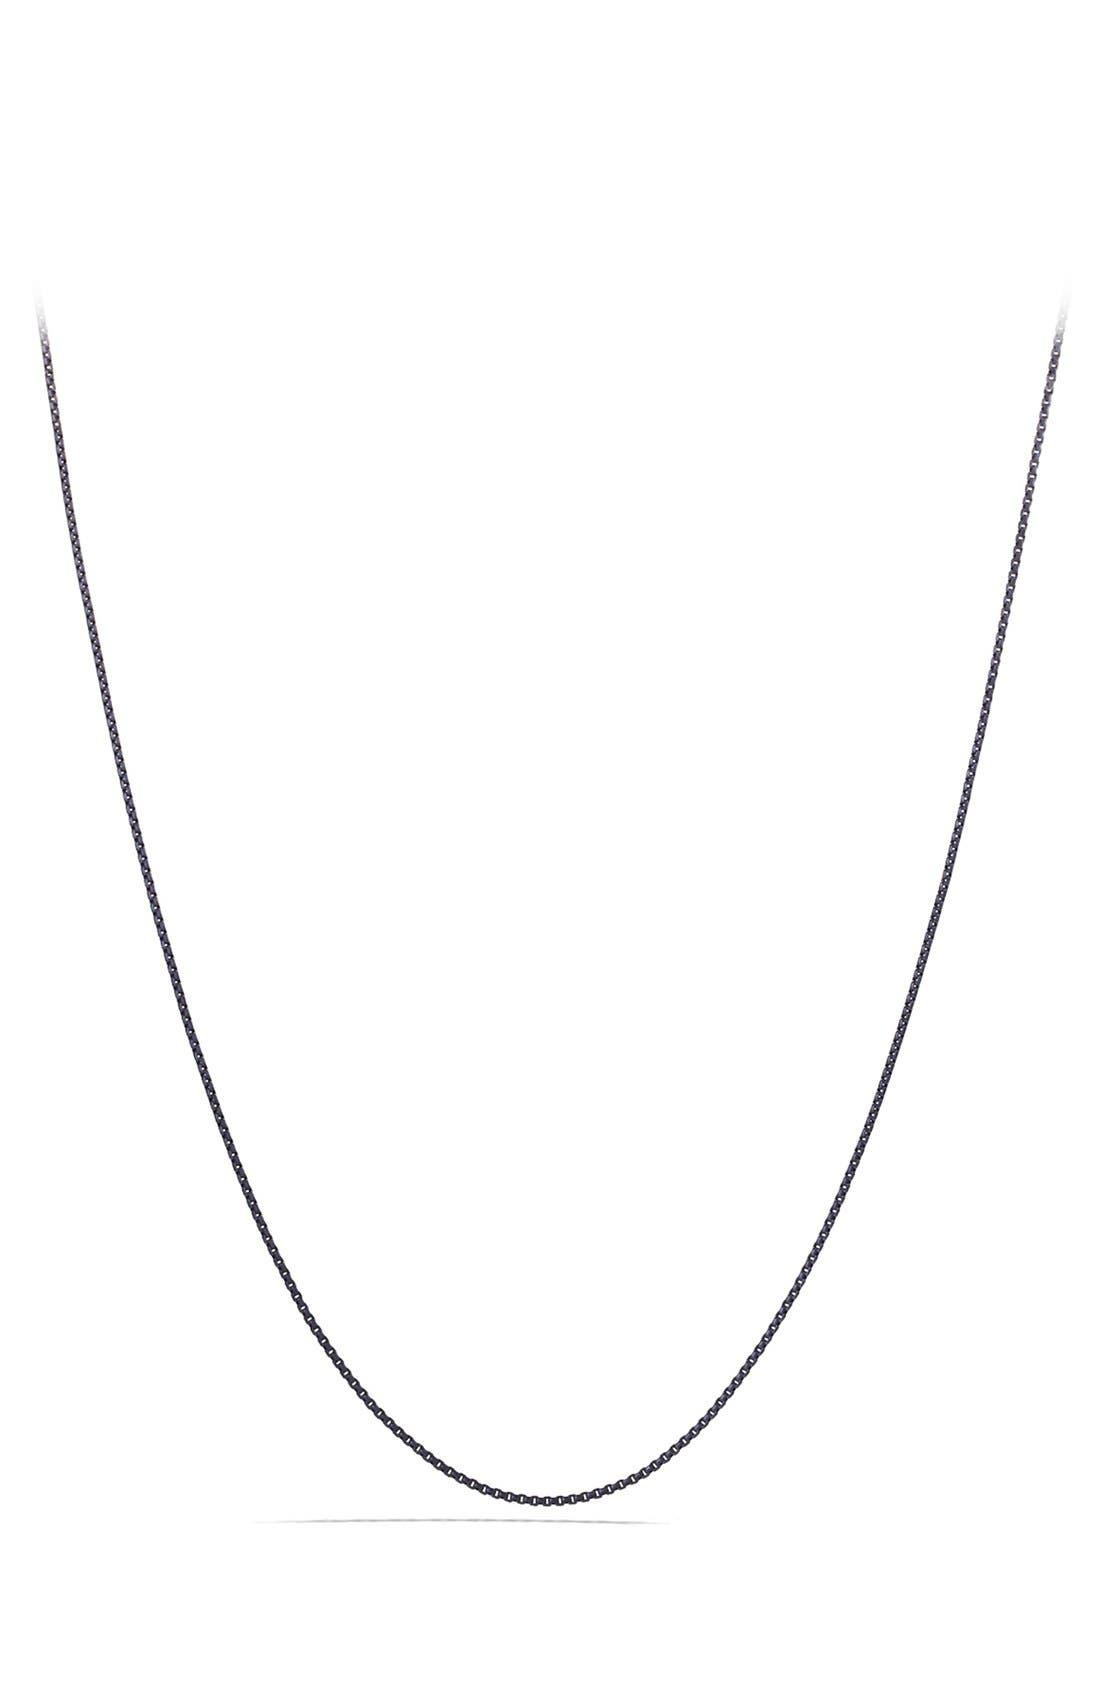 DAVID YURMAN Chain Box Chain Necklace